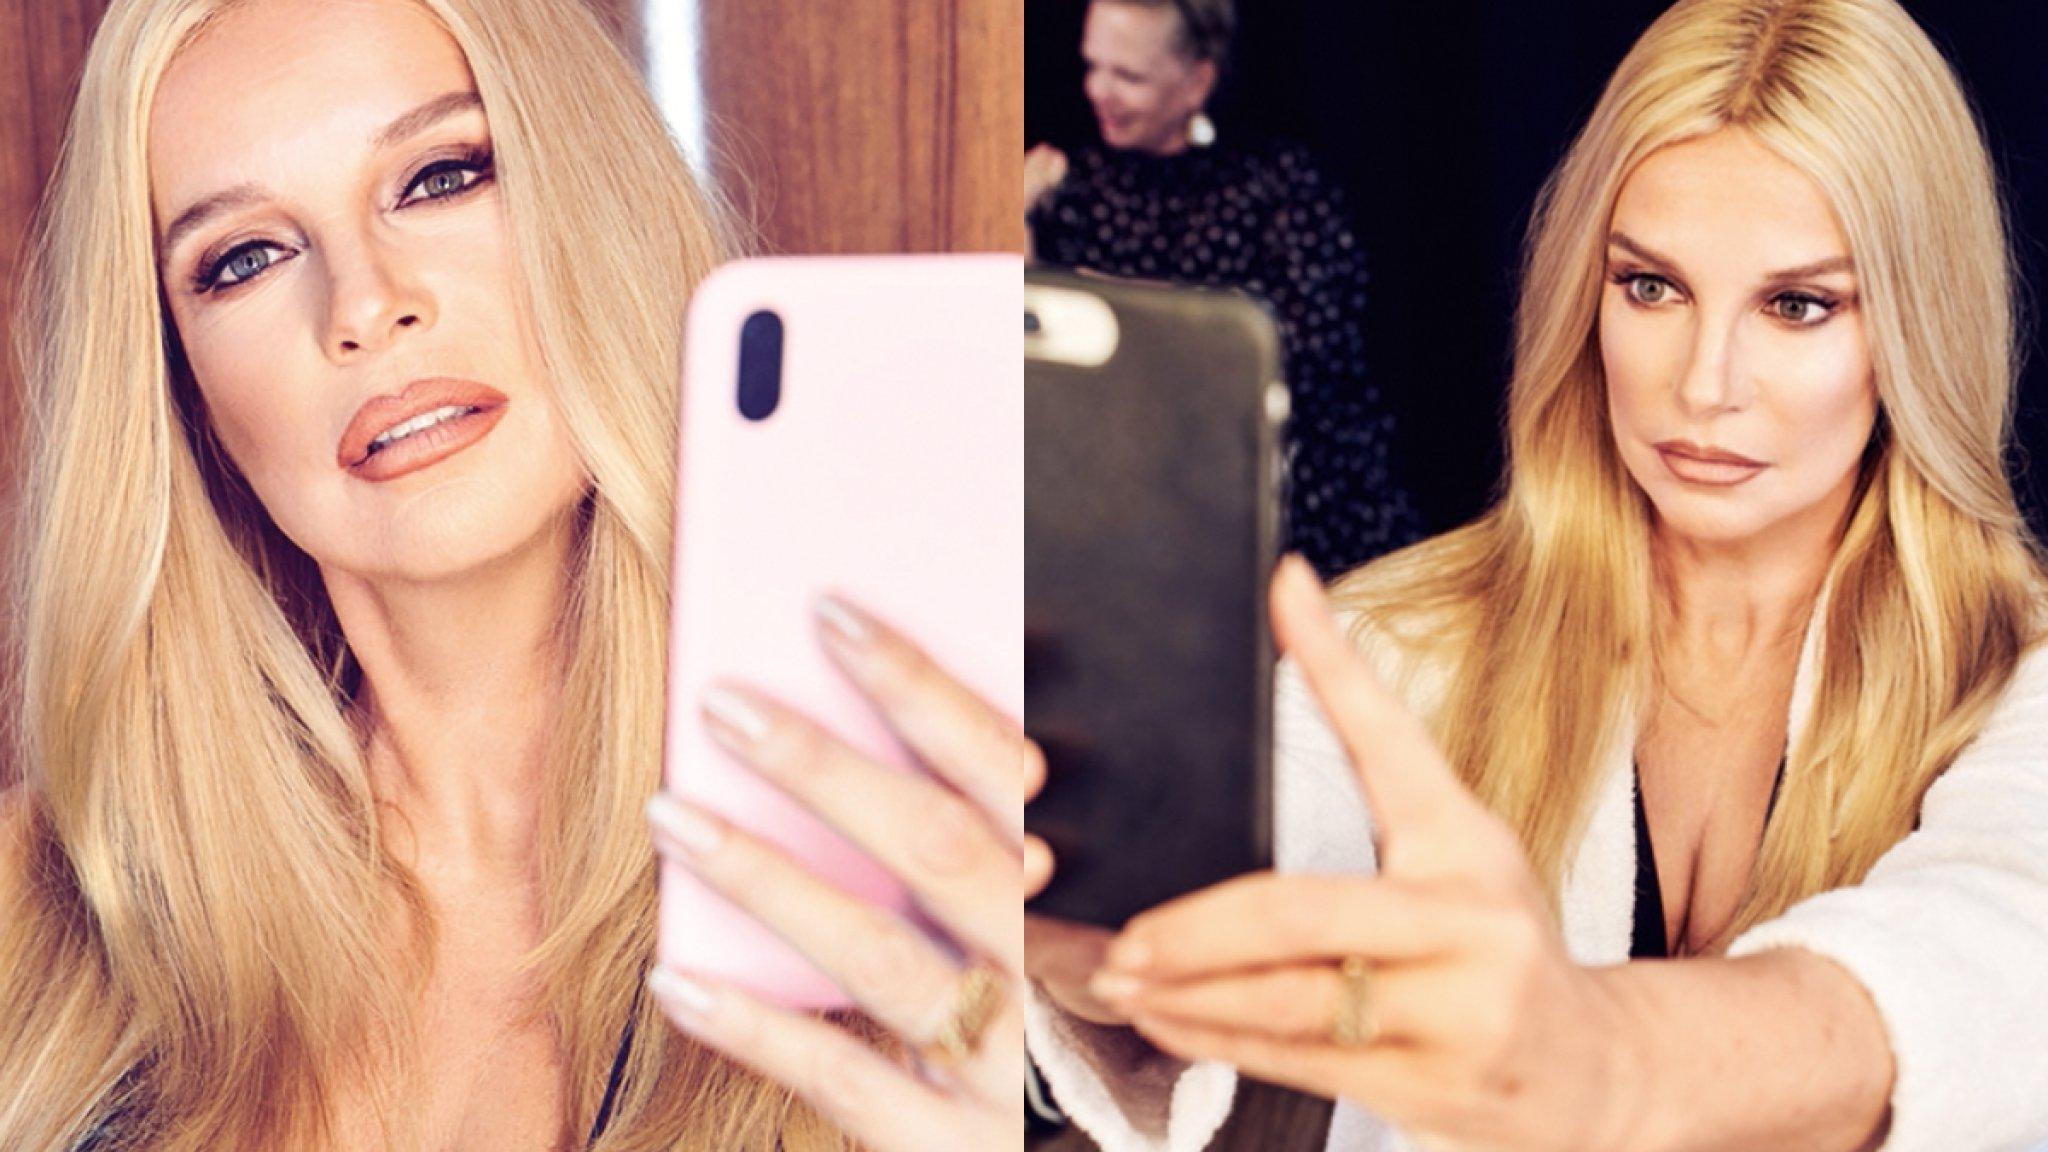 Linda de Mol omgetoverd tot selfiequeen Kim Kardashian - RTL Nieuws